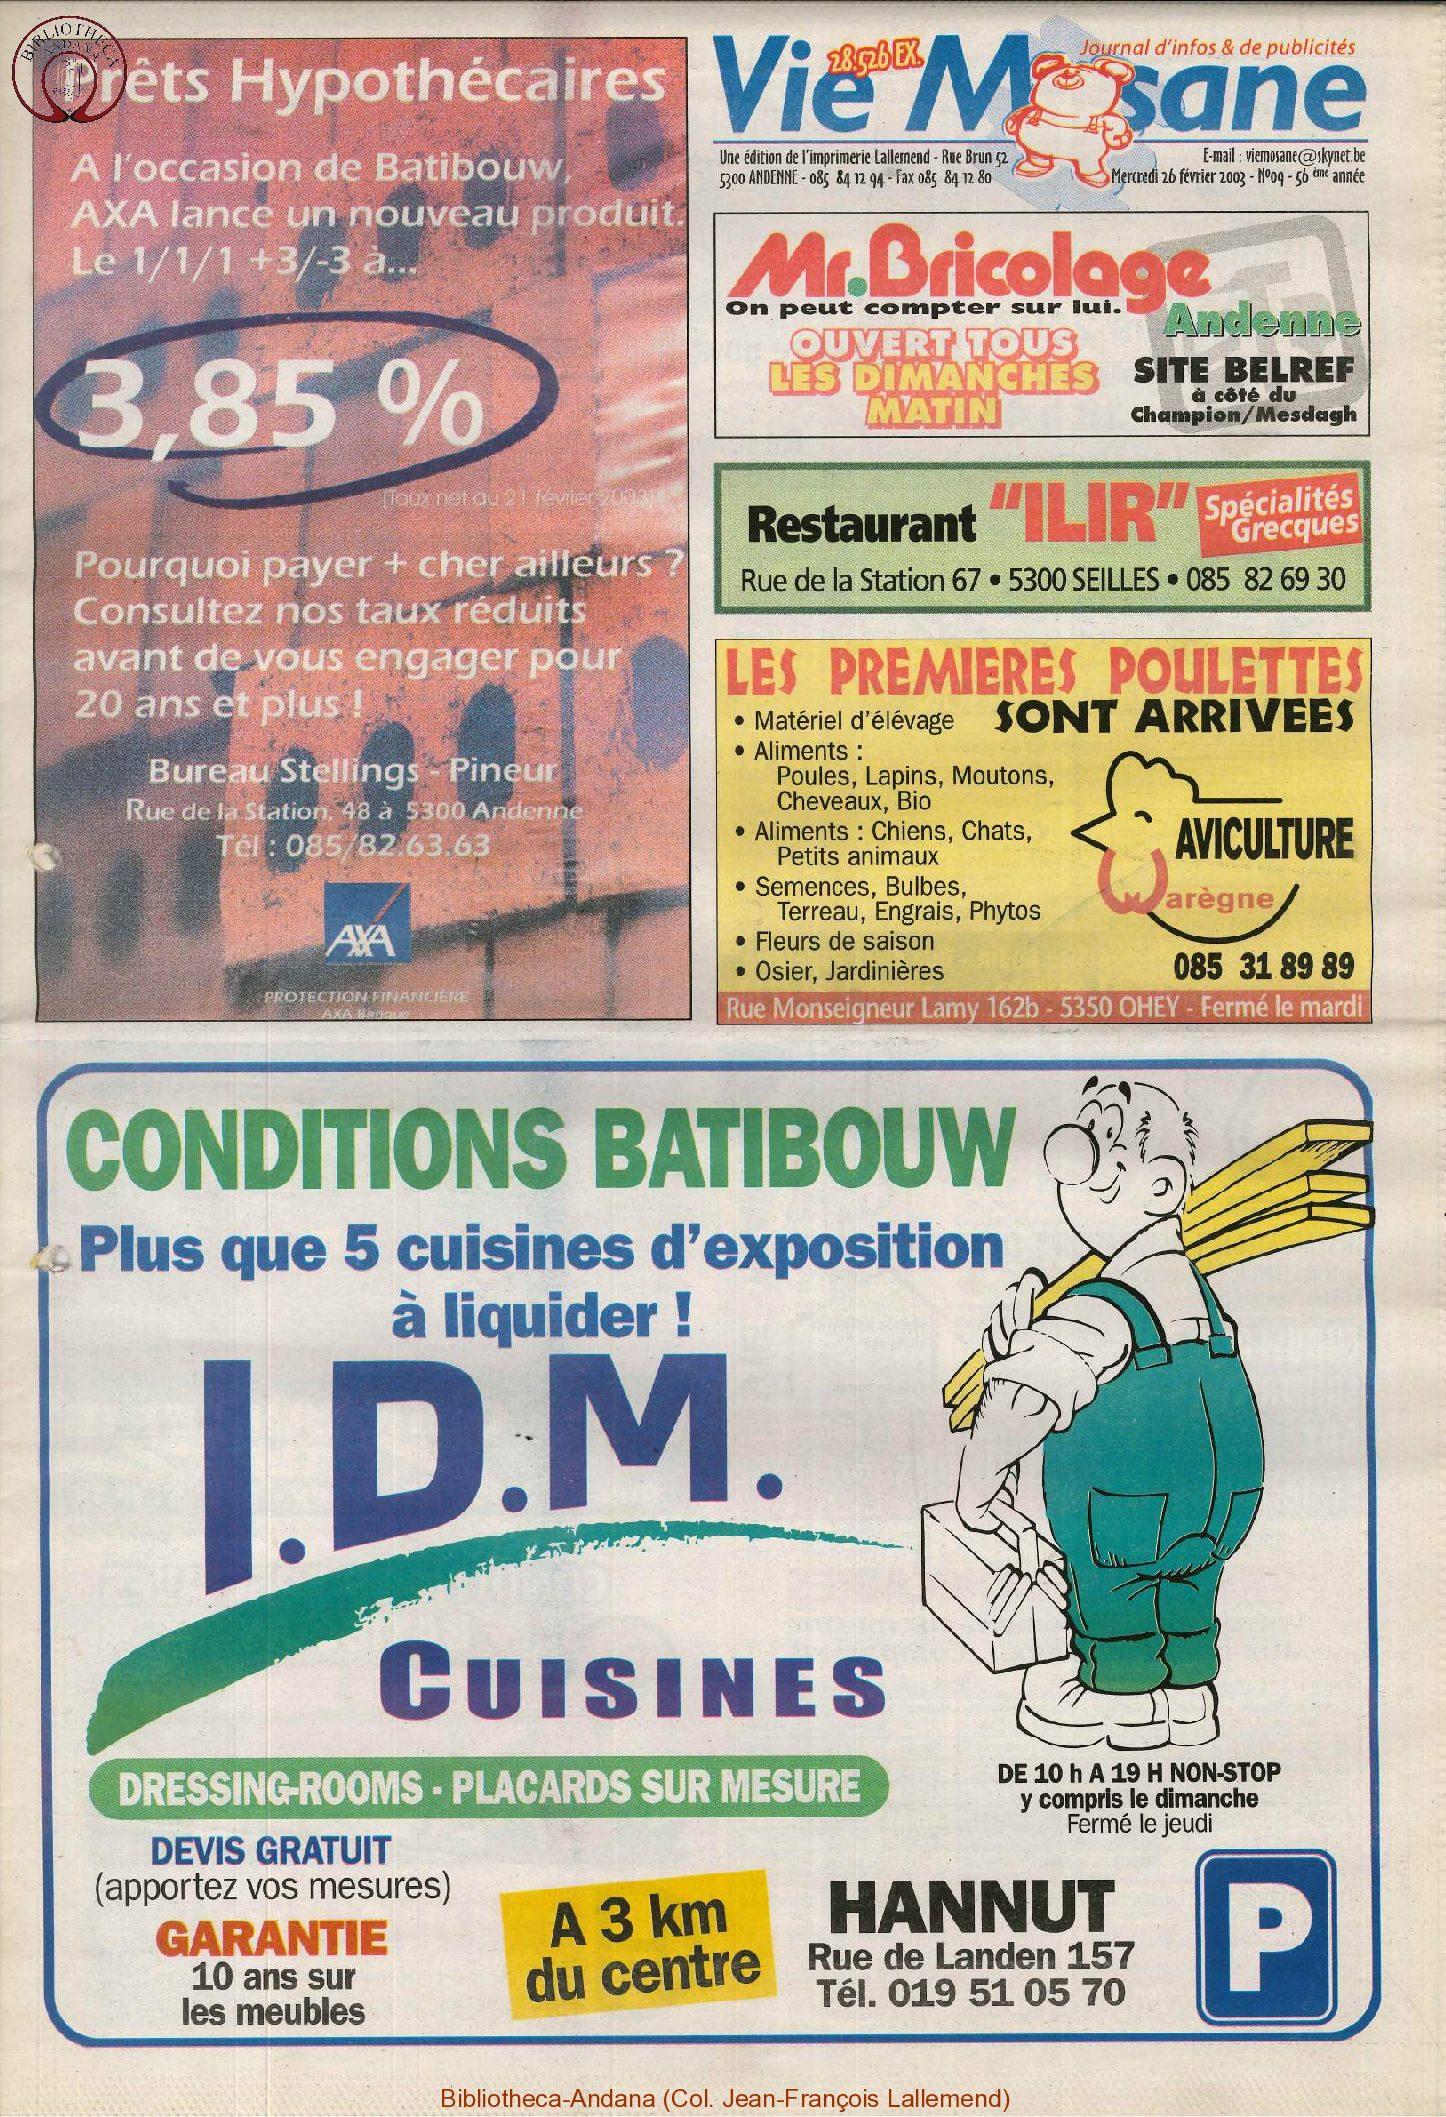 57e année - n°9 - 26 février 2003